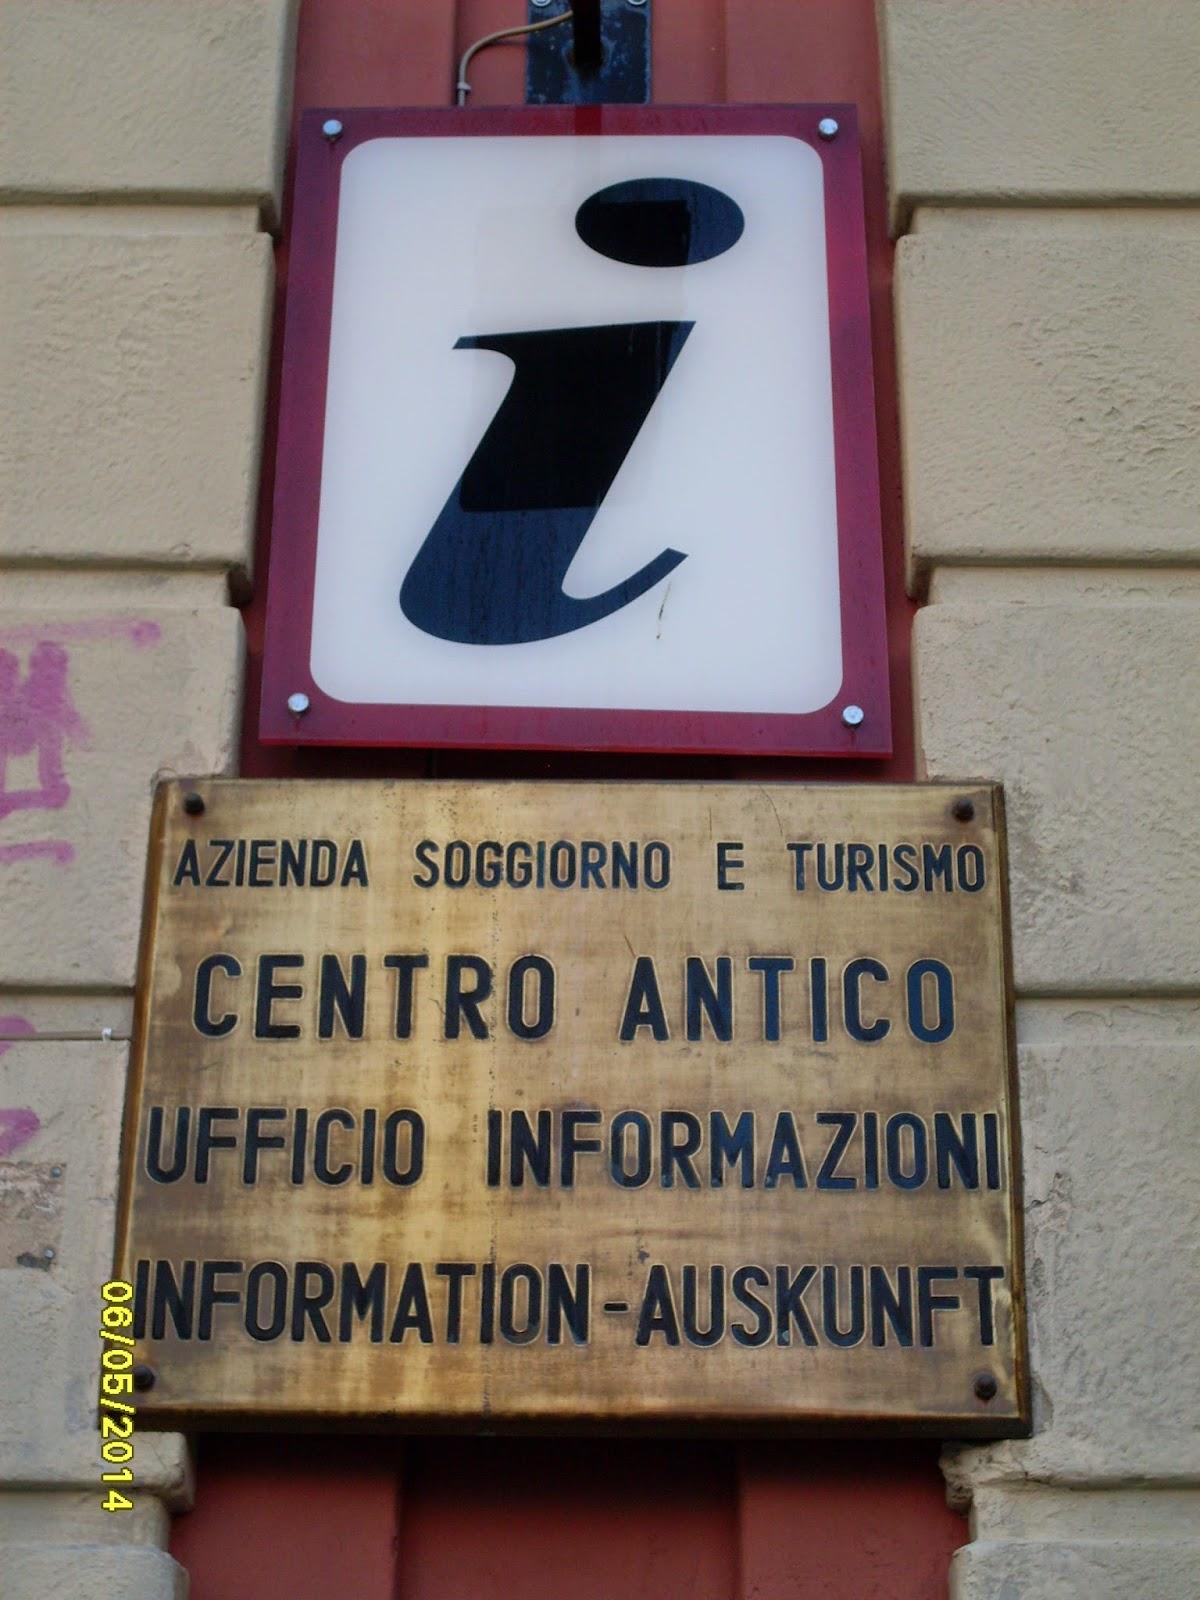 Ufficio Informazioni - foto Paolo Luongo